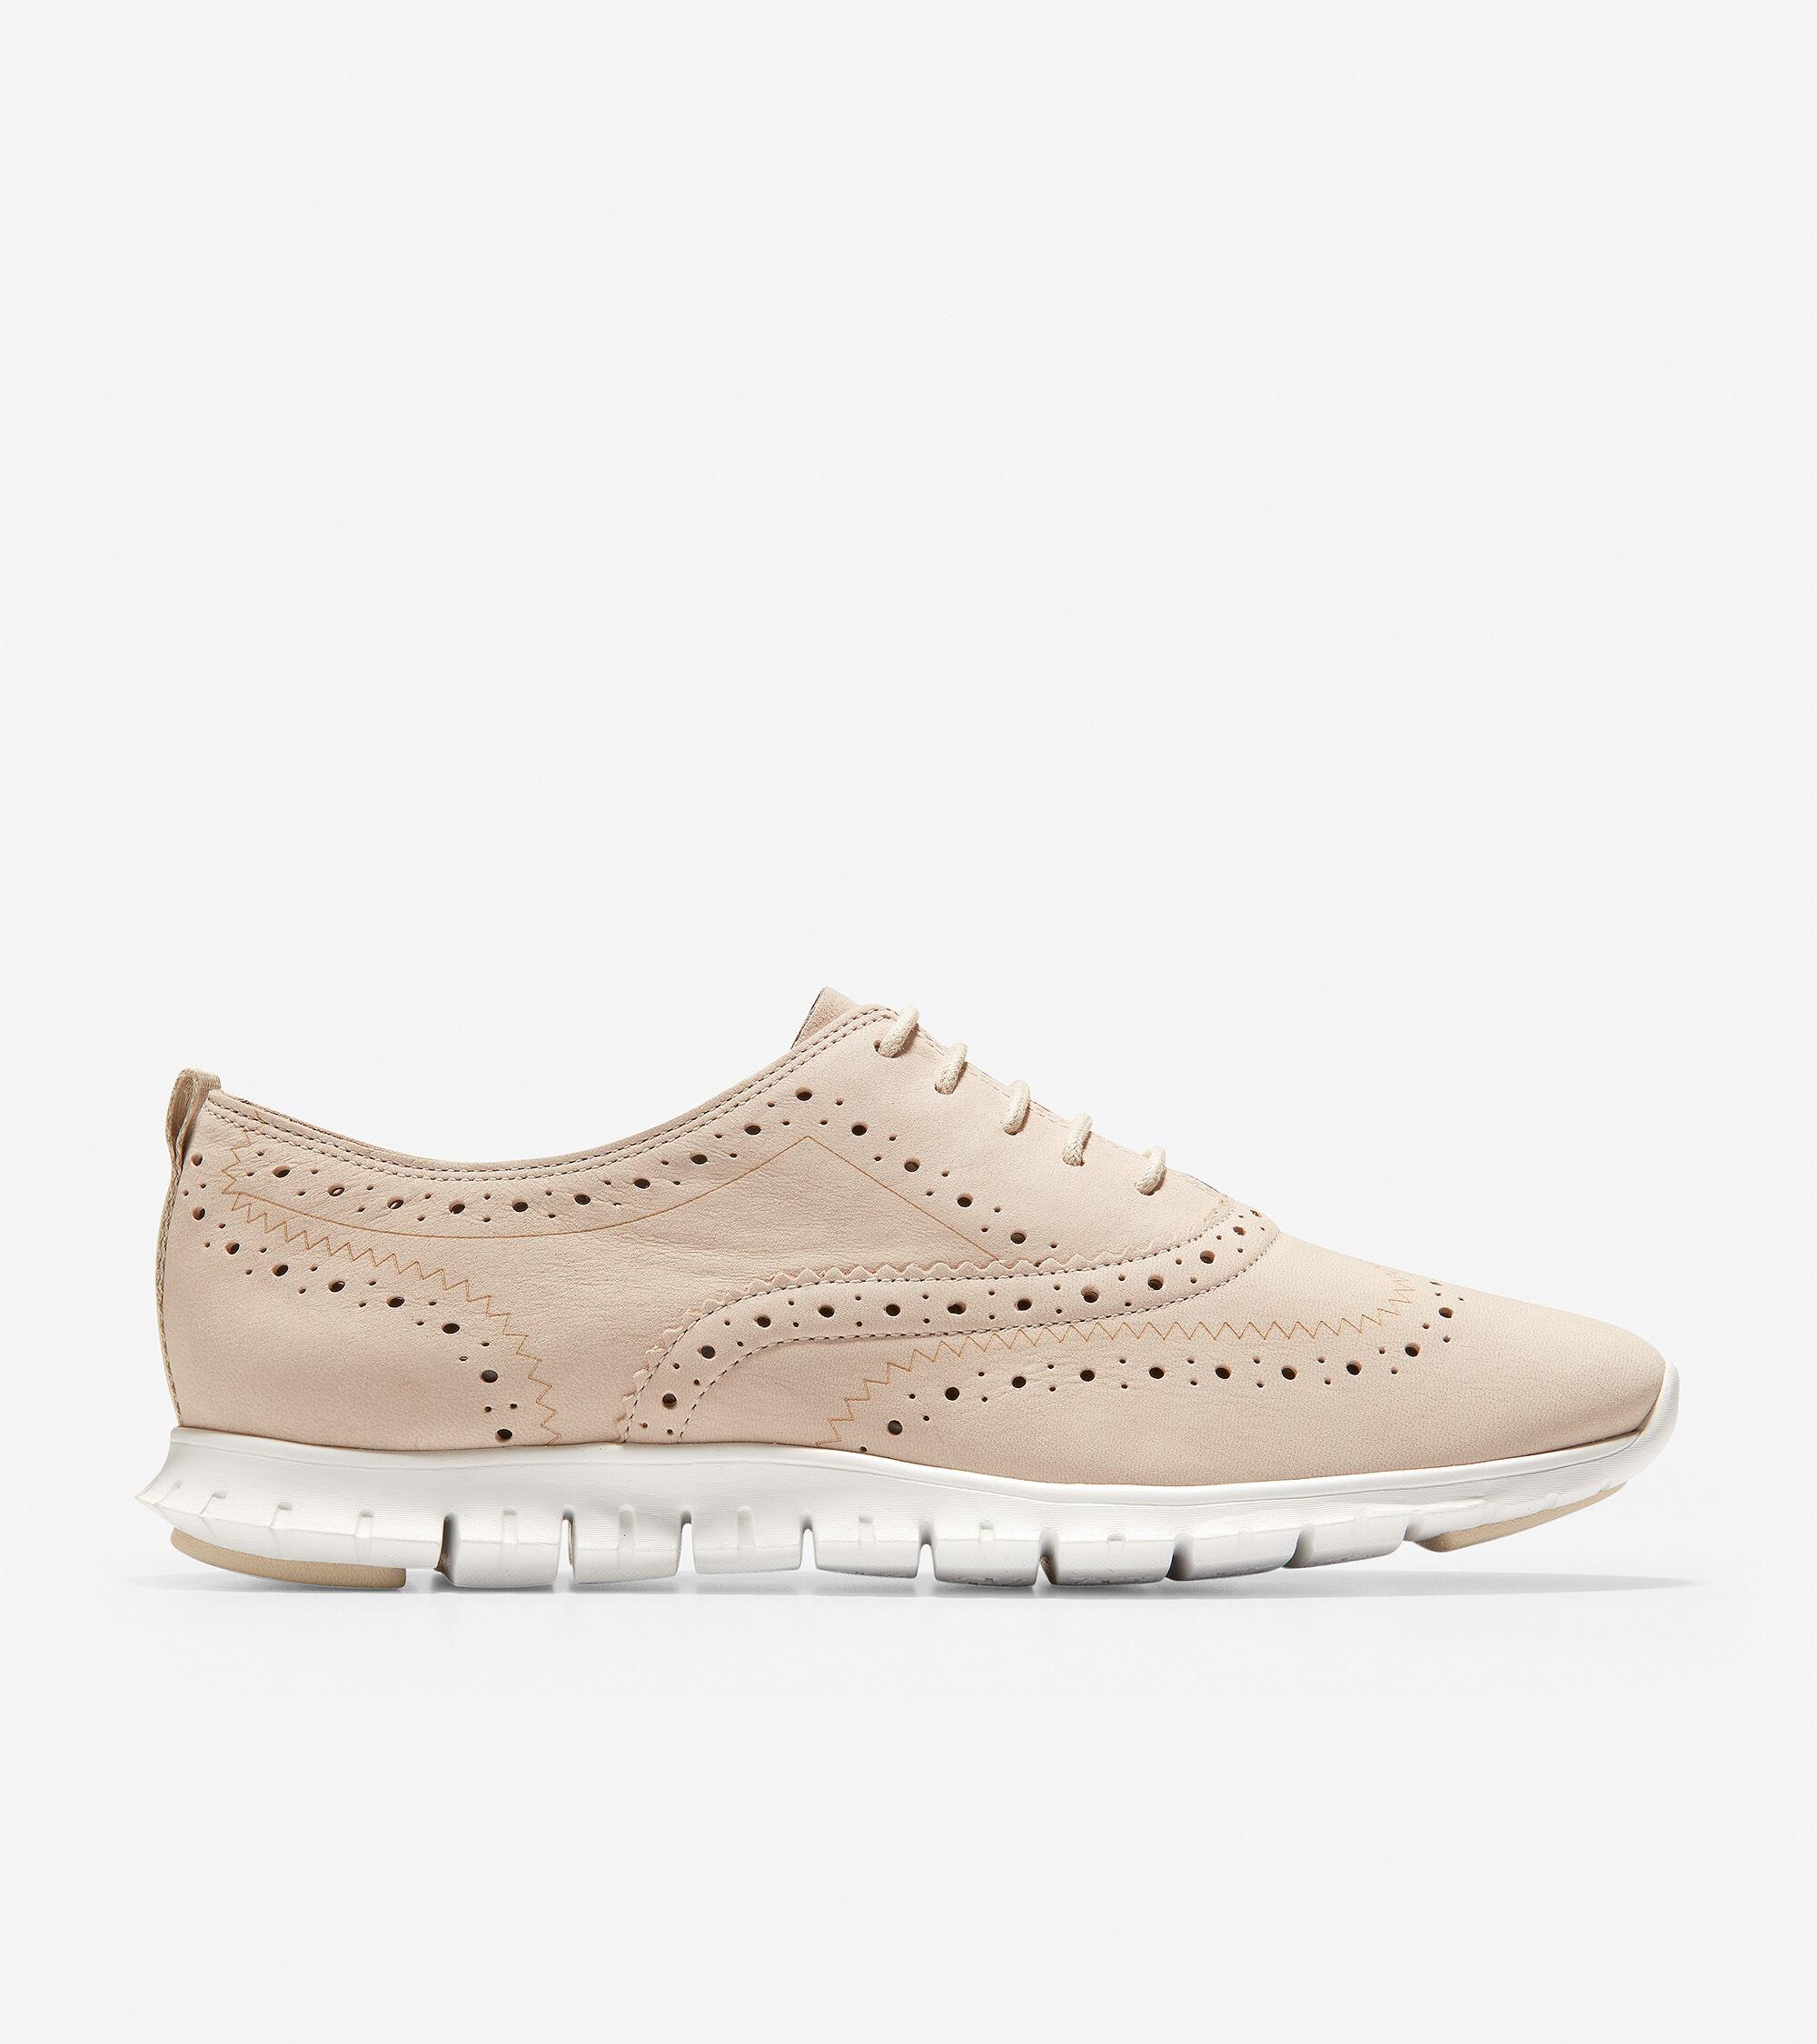 cole haan shoes women zero grand sneakersnstuff twitter donald 7